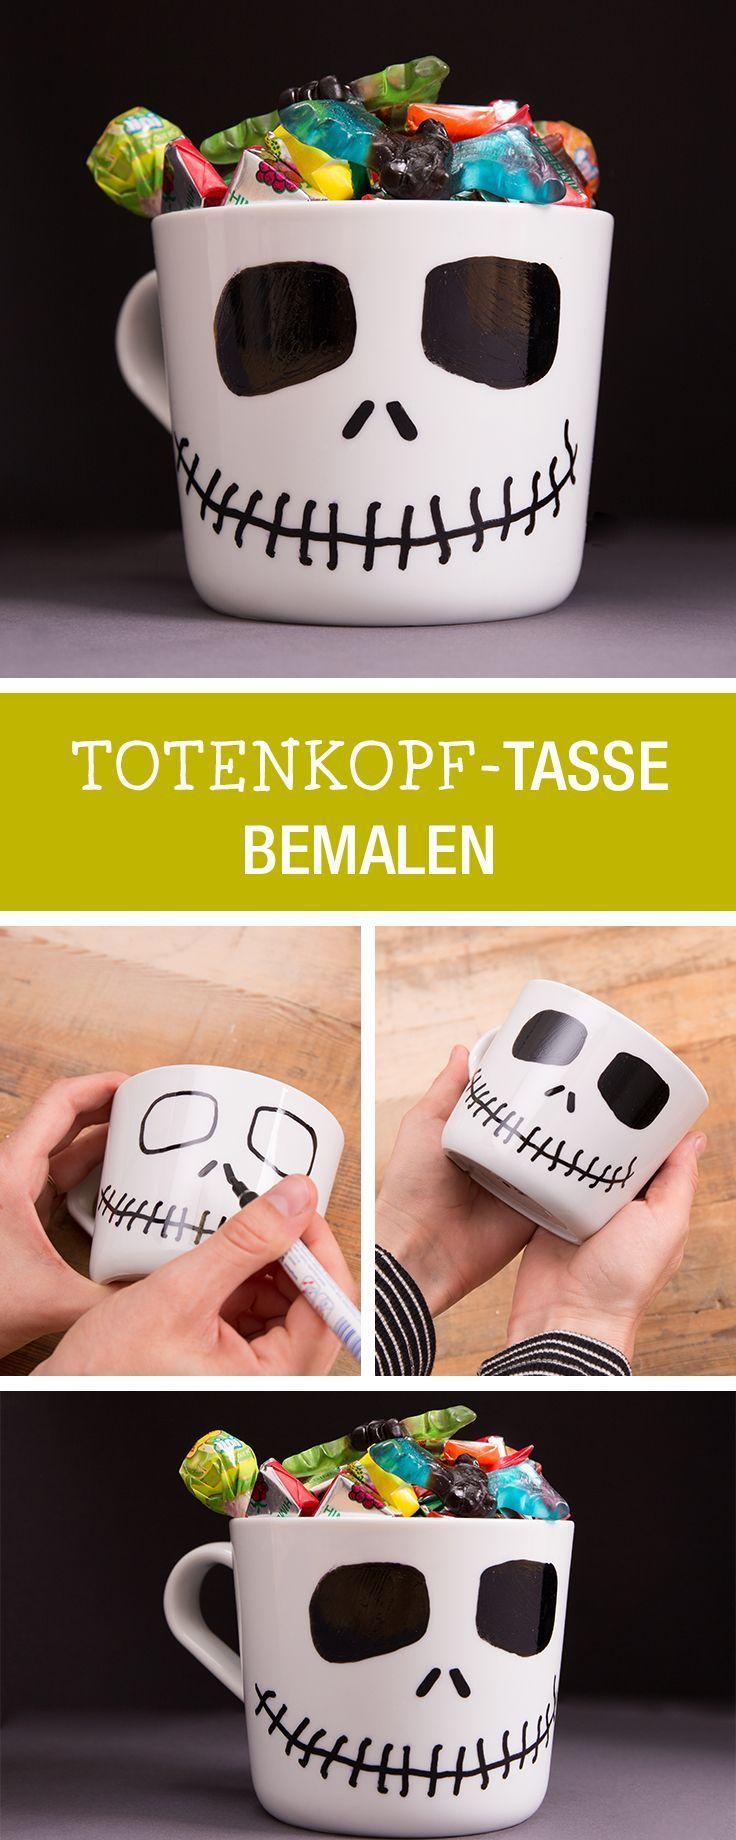 Halloween-Deko selbermachen: Tasse als Totenkopf bemalen. Ein lustig grusliges DIY Projekt für 's Kind. #halloweendekobasteln